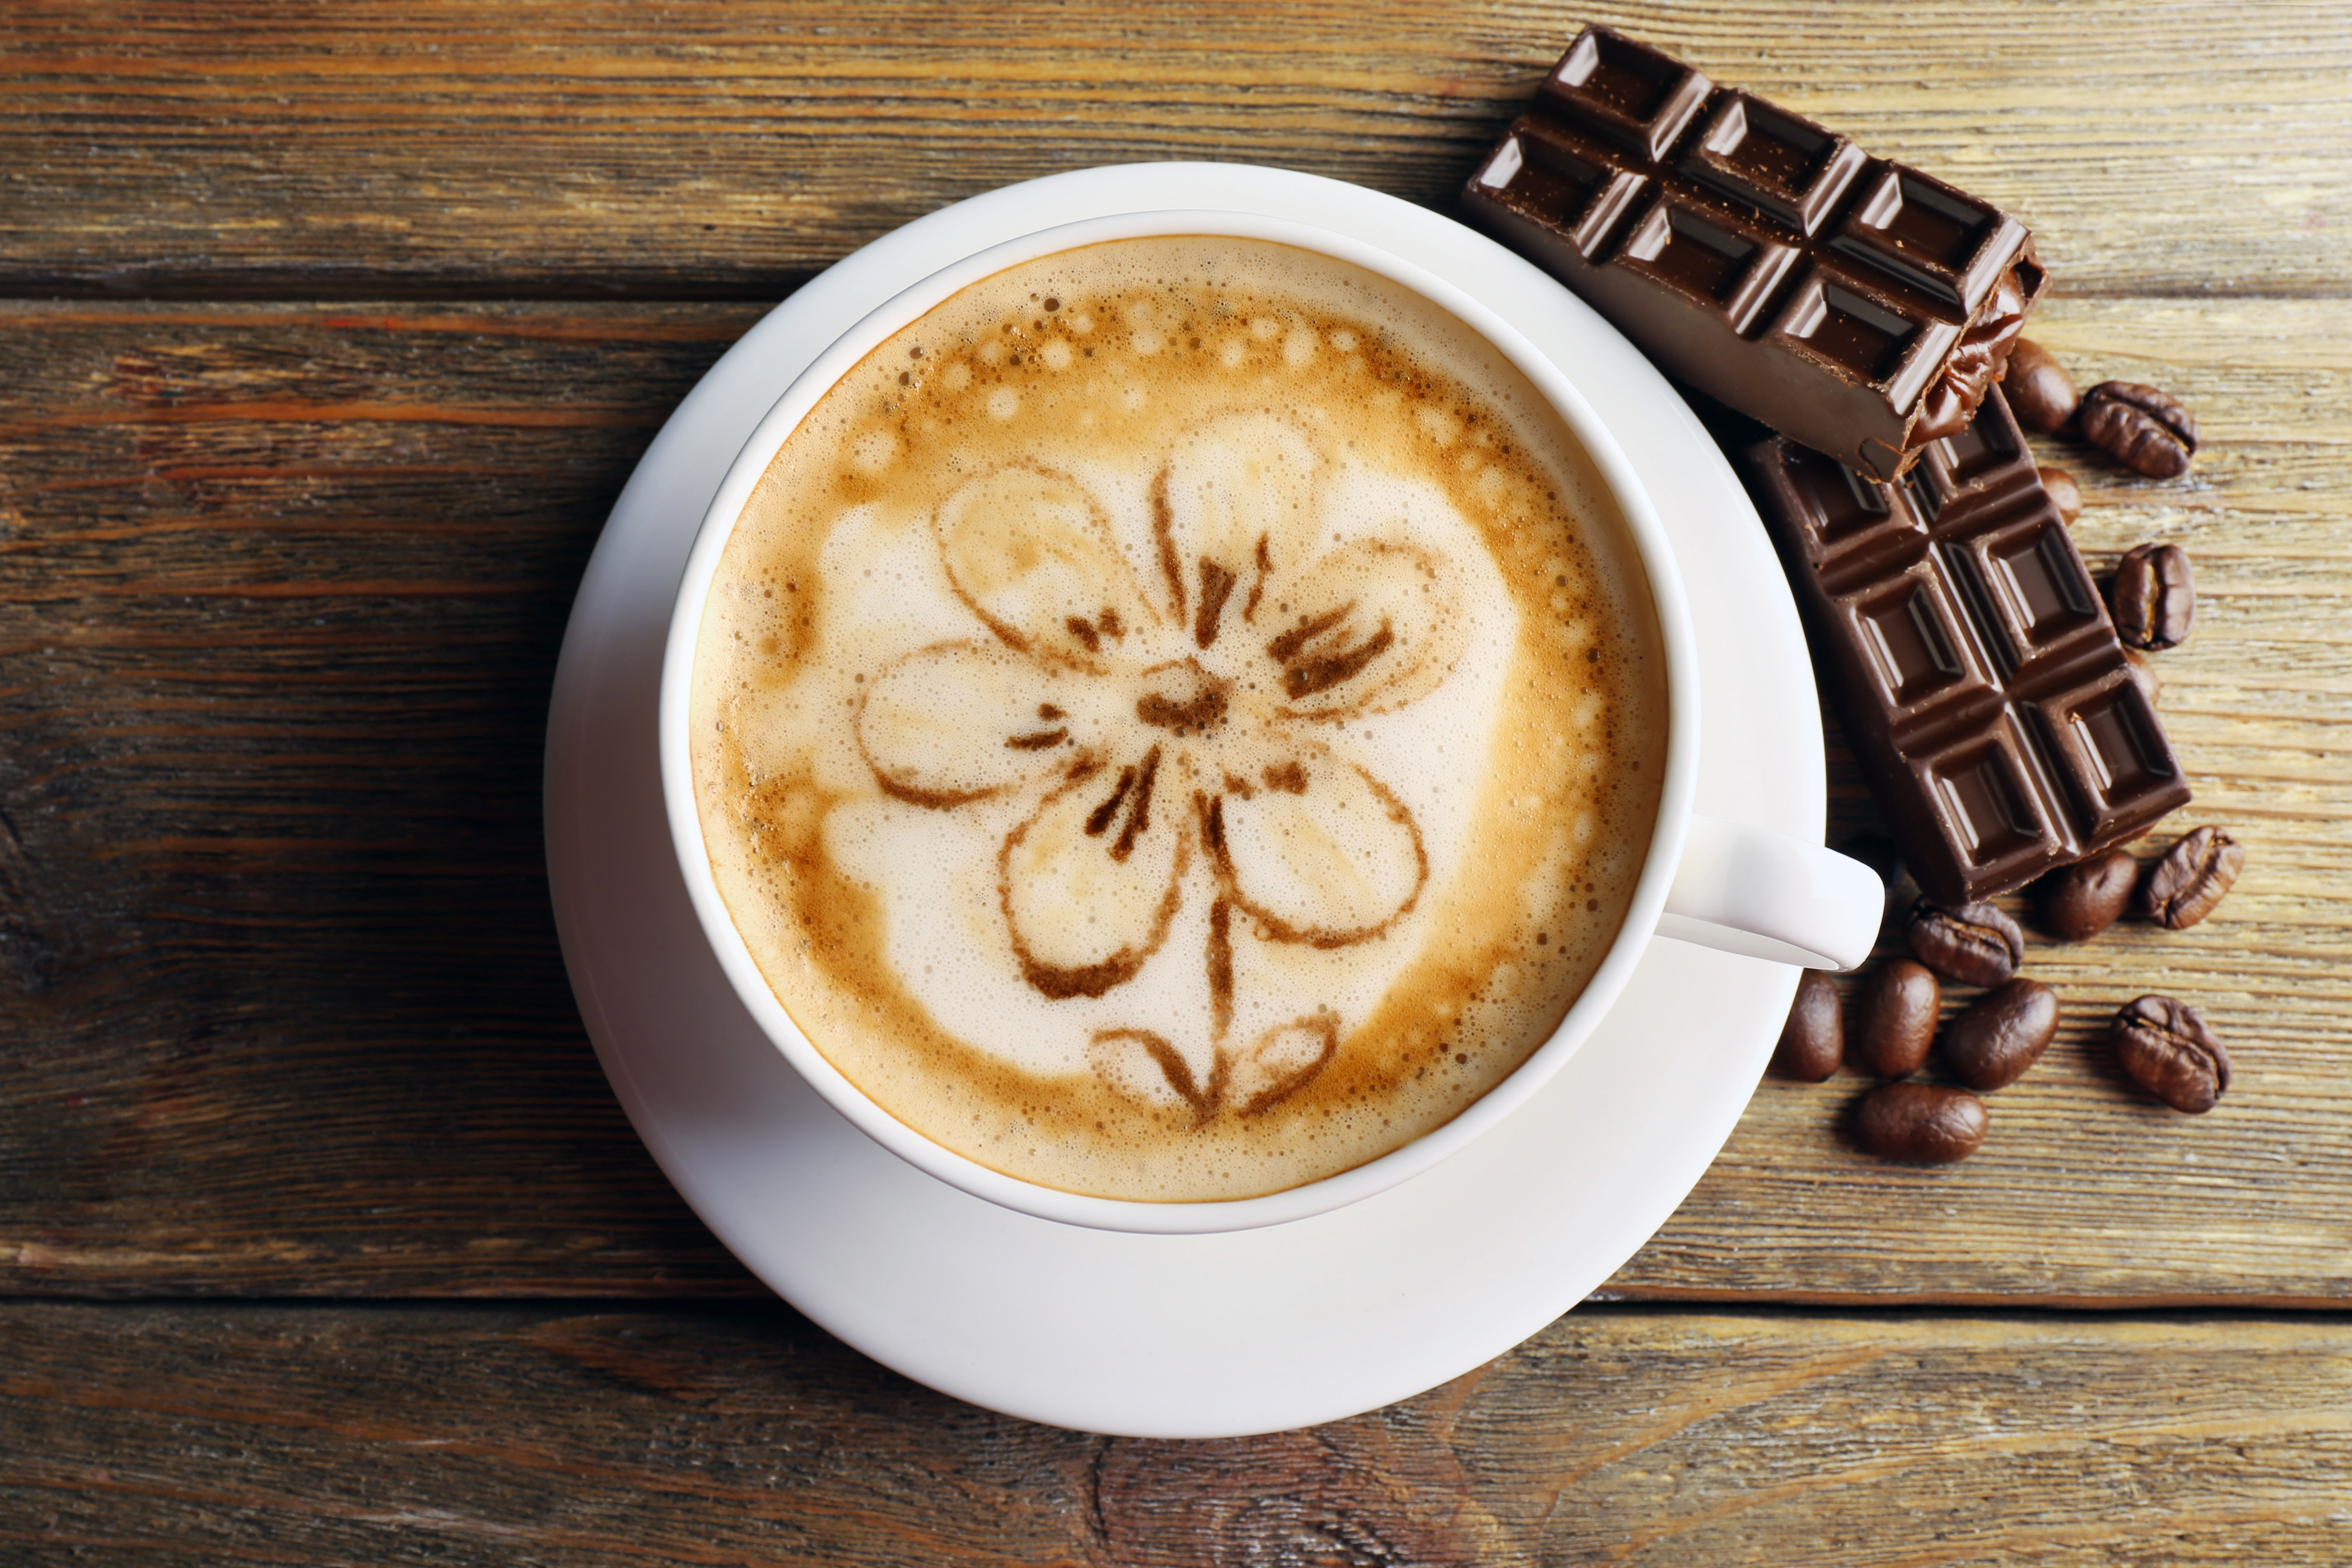 Фото Шоколад Кофе Капучино Зерна Еда чашке Доски 4200x2800 зерно Пища Чашка Продукты питания